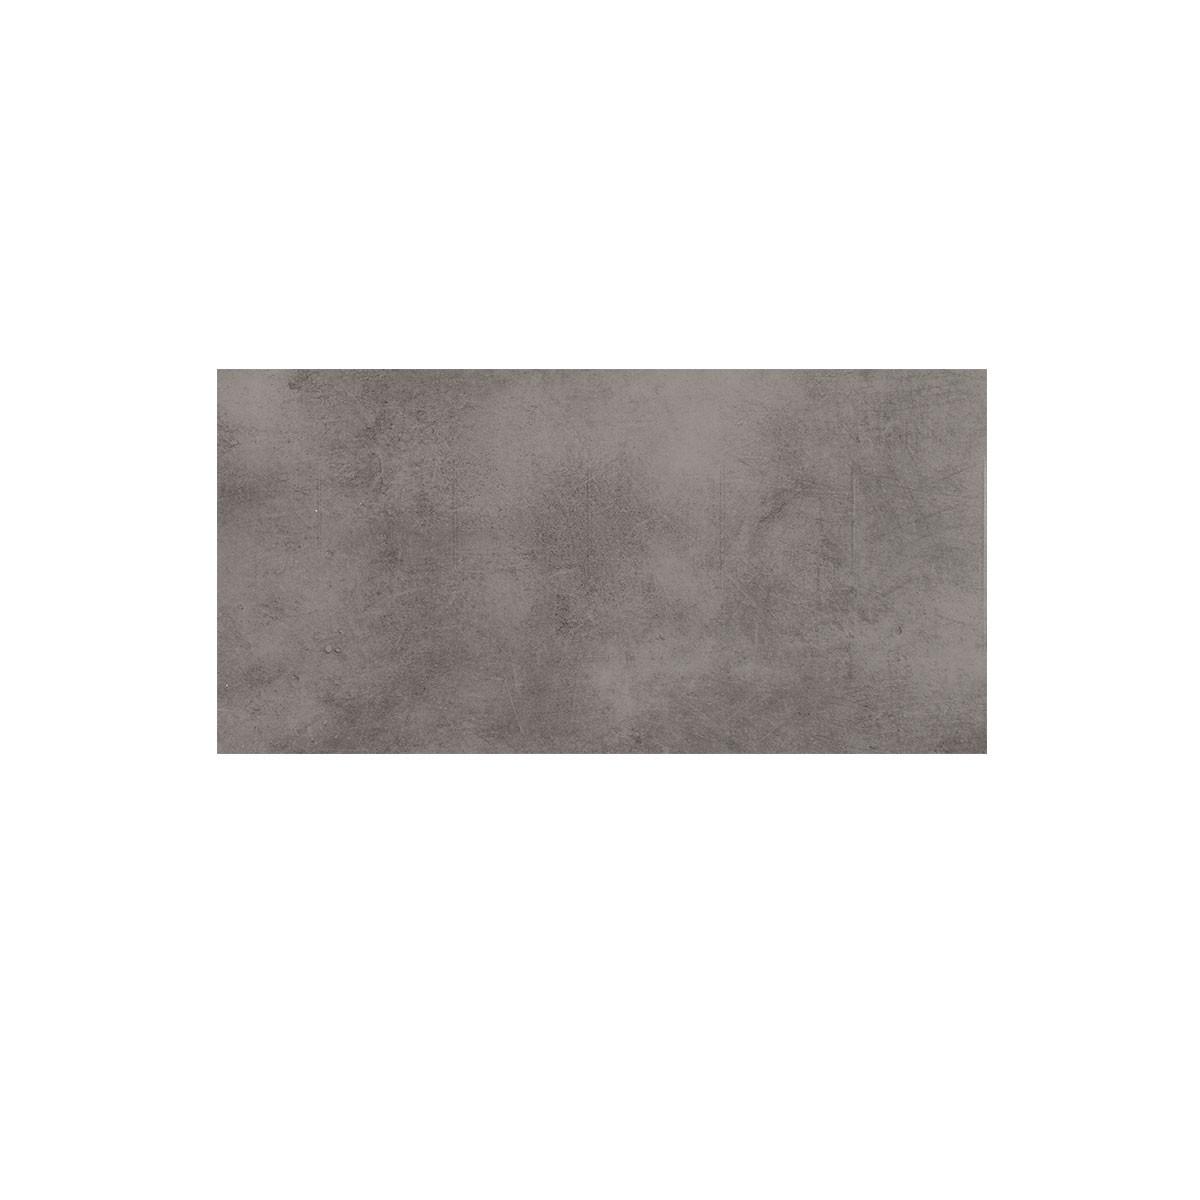 DECORAPORT NSM Panneau Mural, Moyen Luxor,4'' x6'' (NLS-03) (Échantillon)